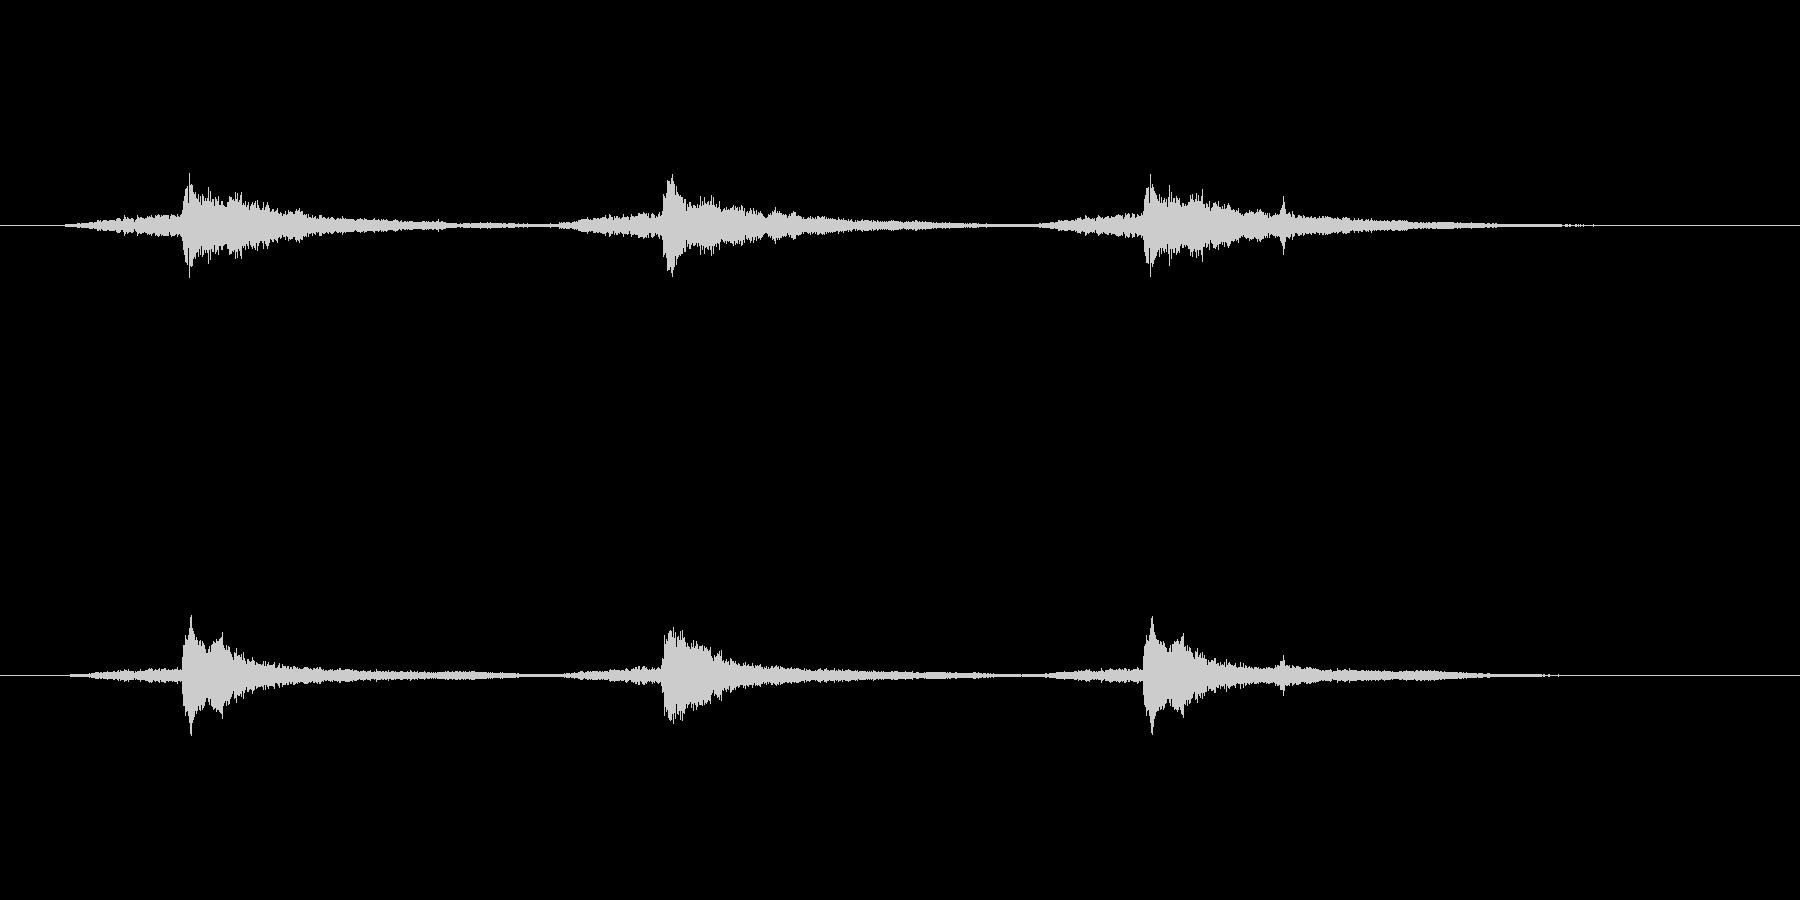 ミステリー、サスペンス向き楽曲。ミステ…の未再生の波形